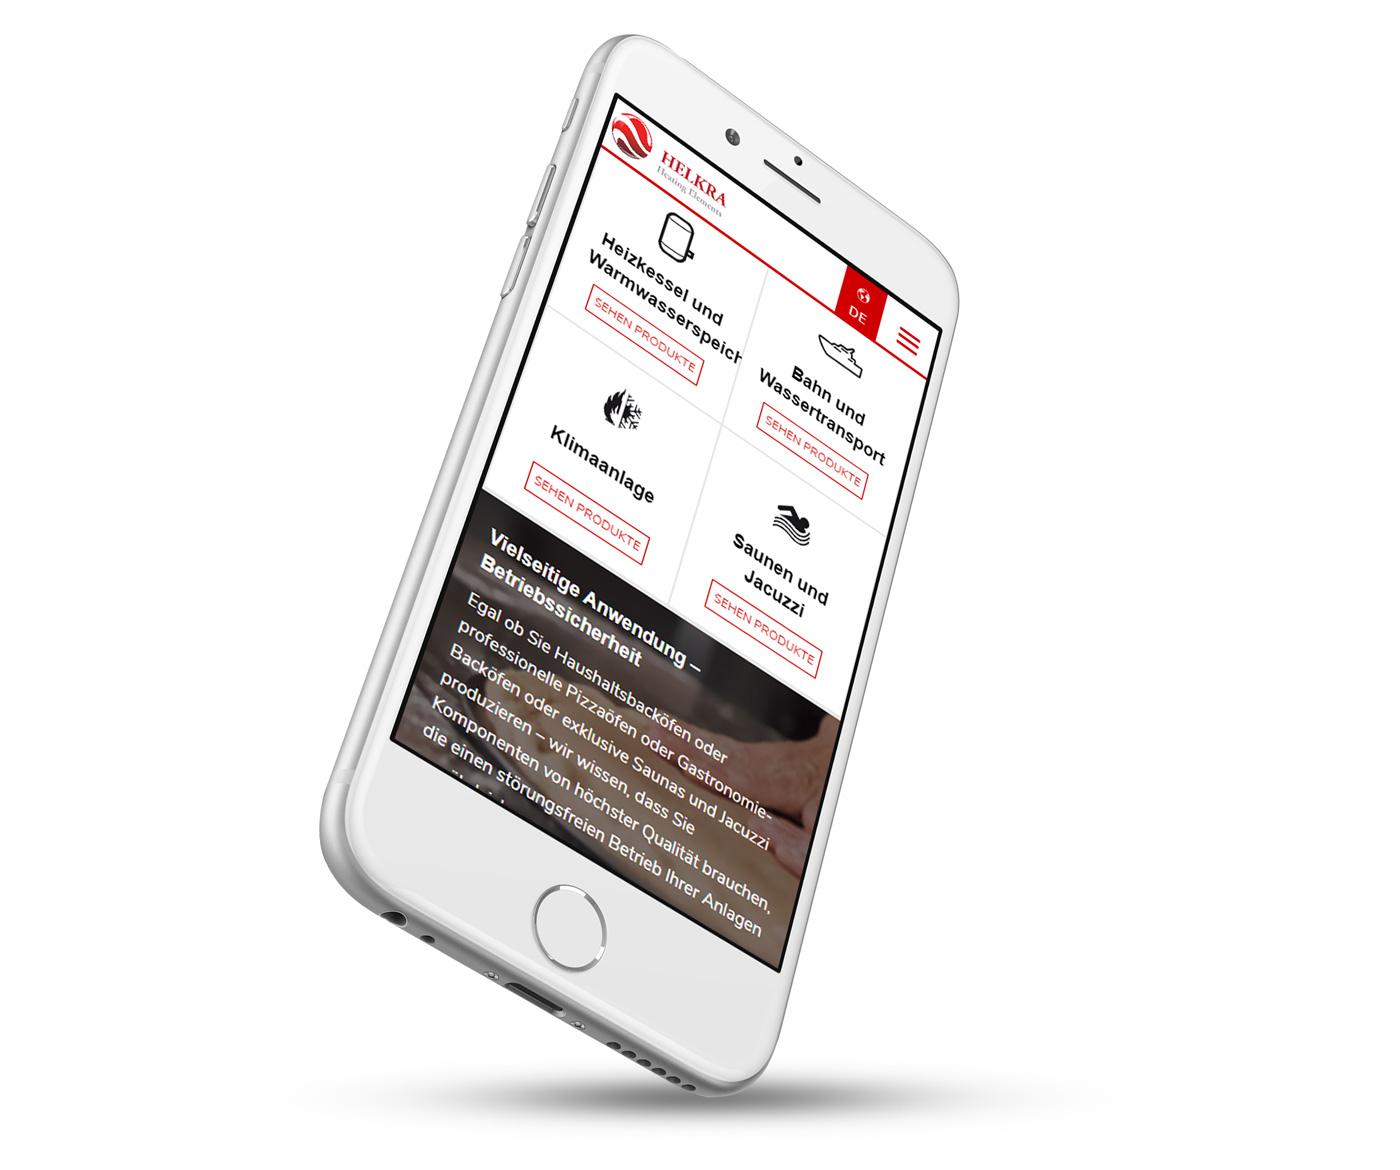 Helkra - strona www w wersji mobilnej na telefonie